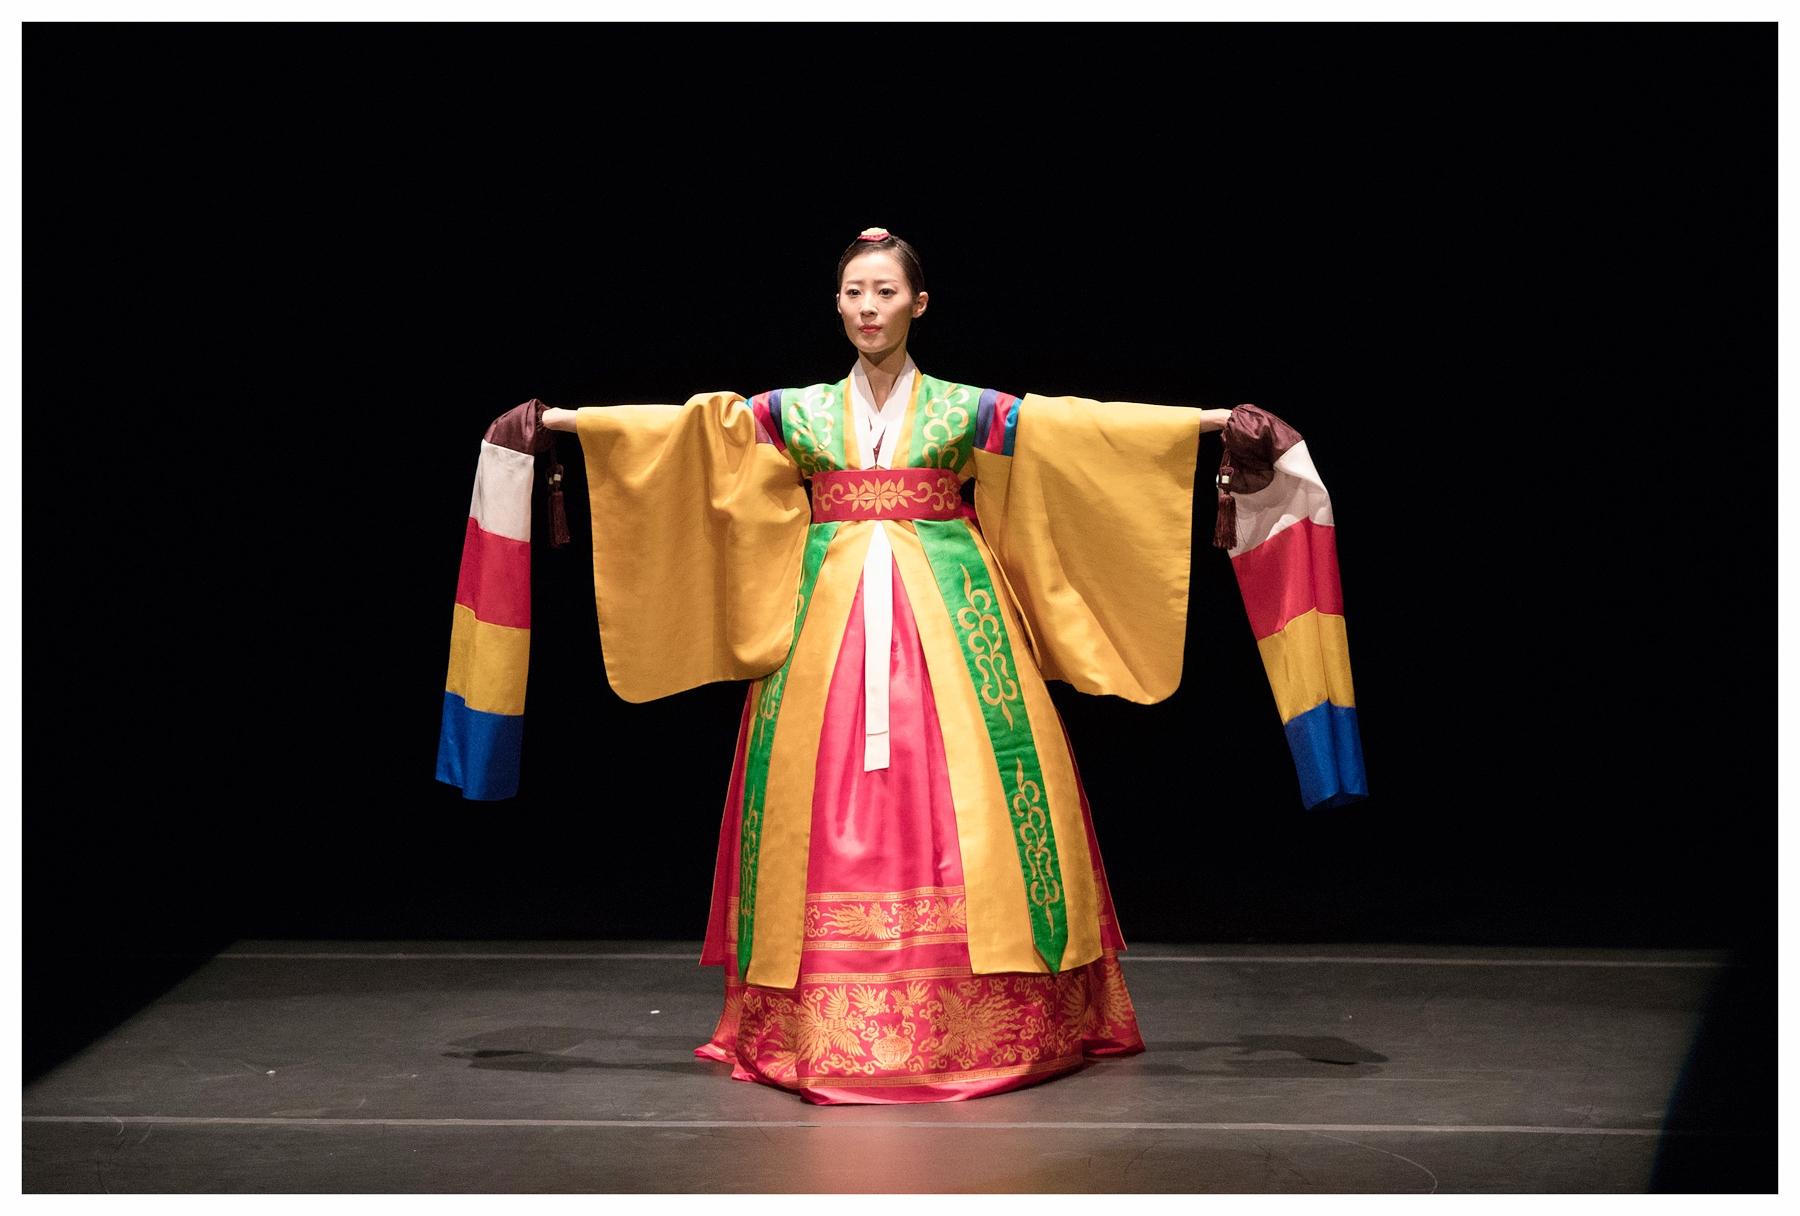 الرقص الكوري التقليدي.jpg